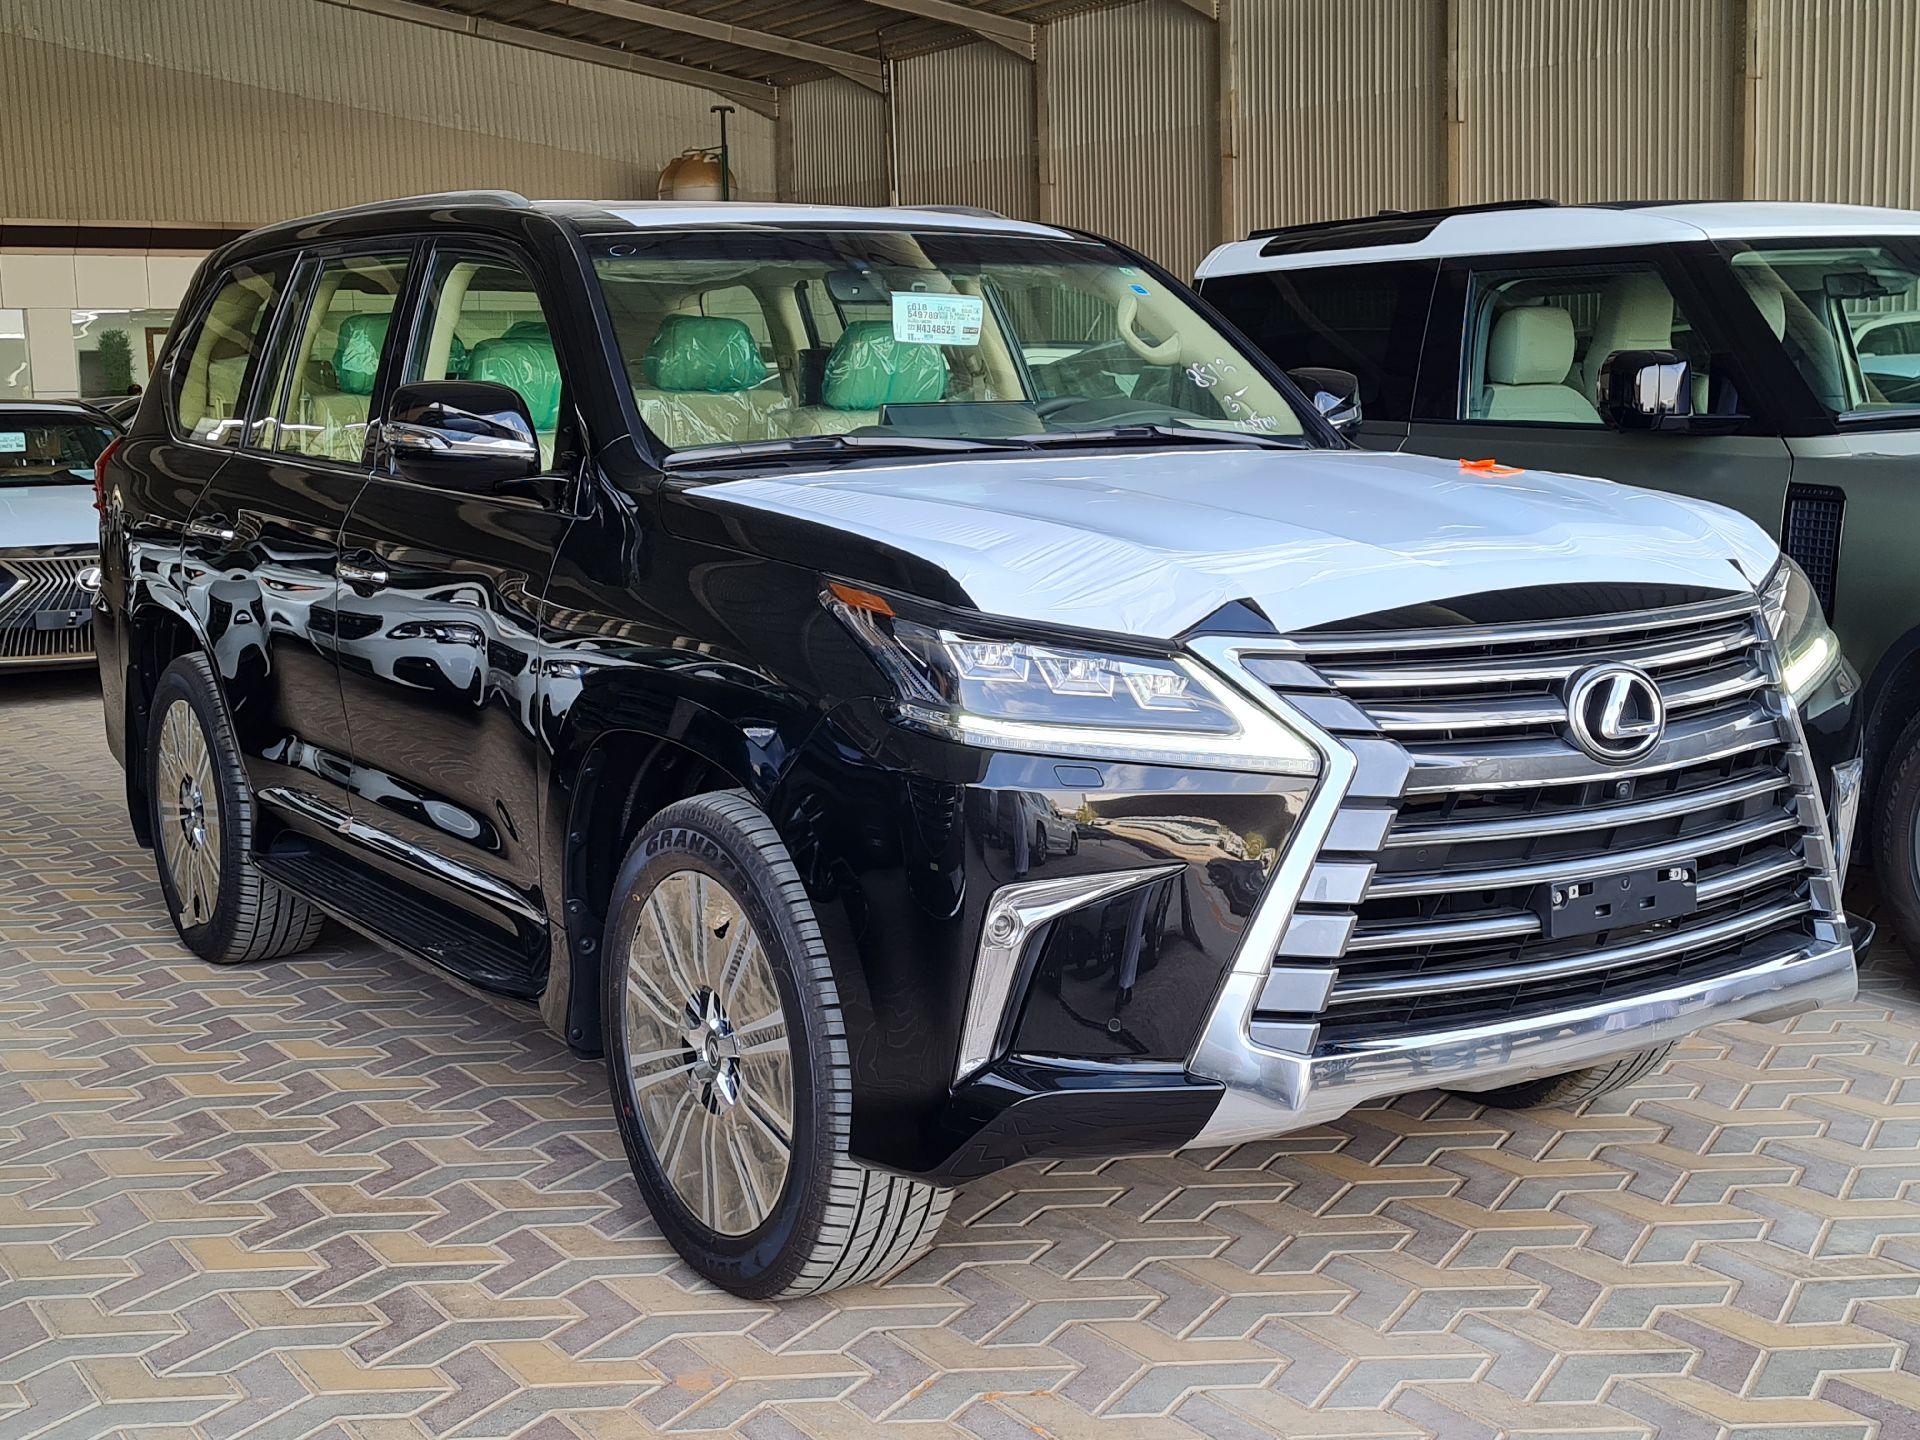 لكزس LX 570 2021 نص فل سعودي للبيع في الرياض - السعودية - صورة كبيرة - 7